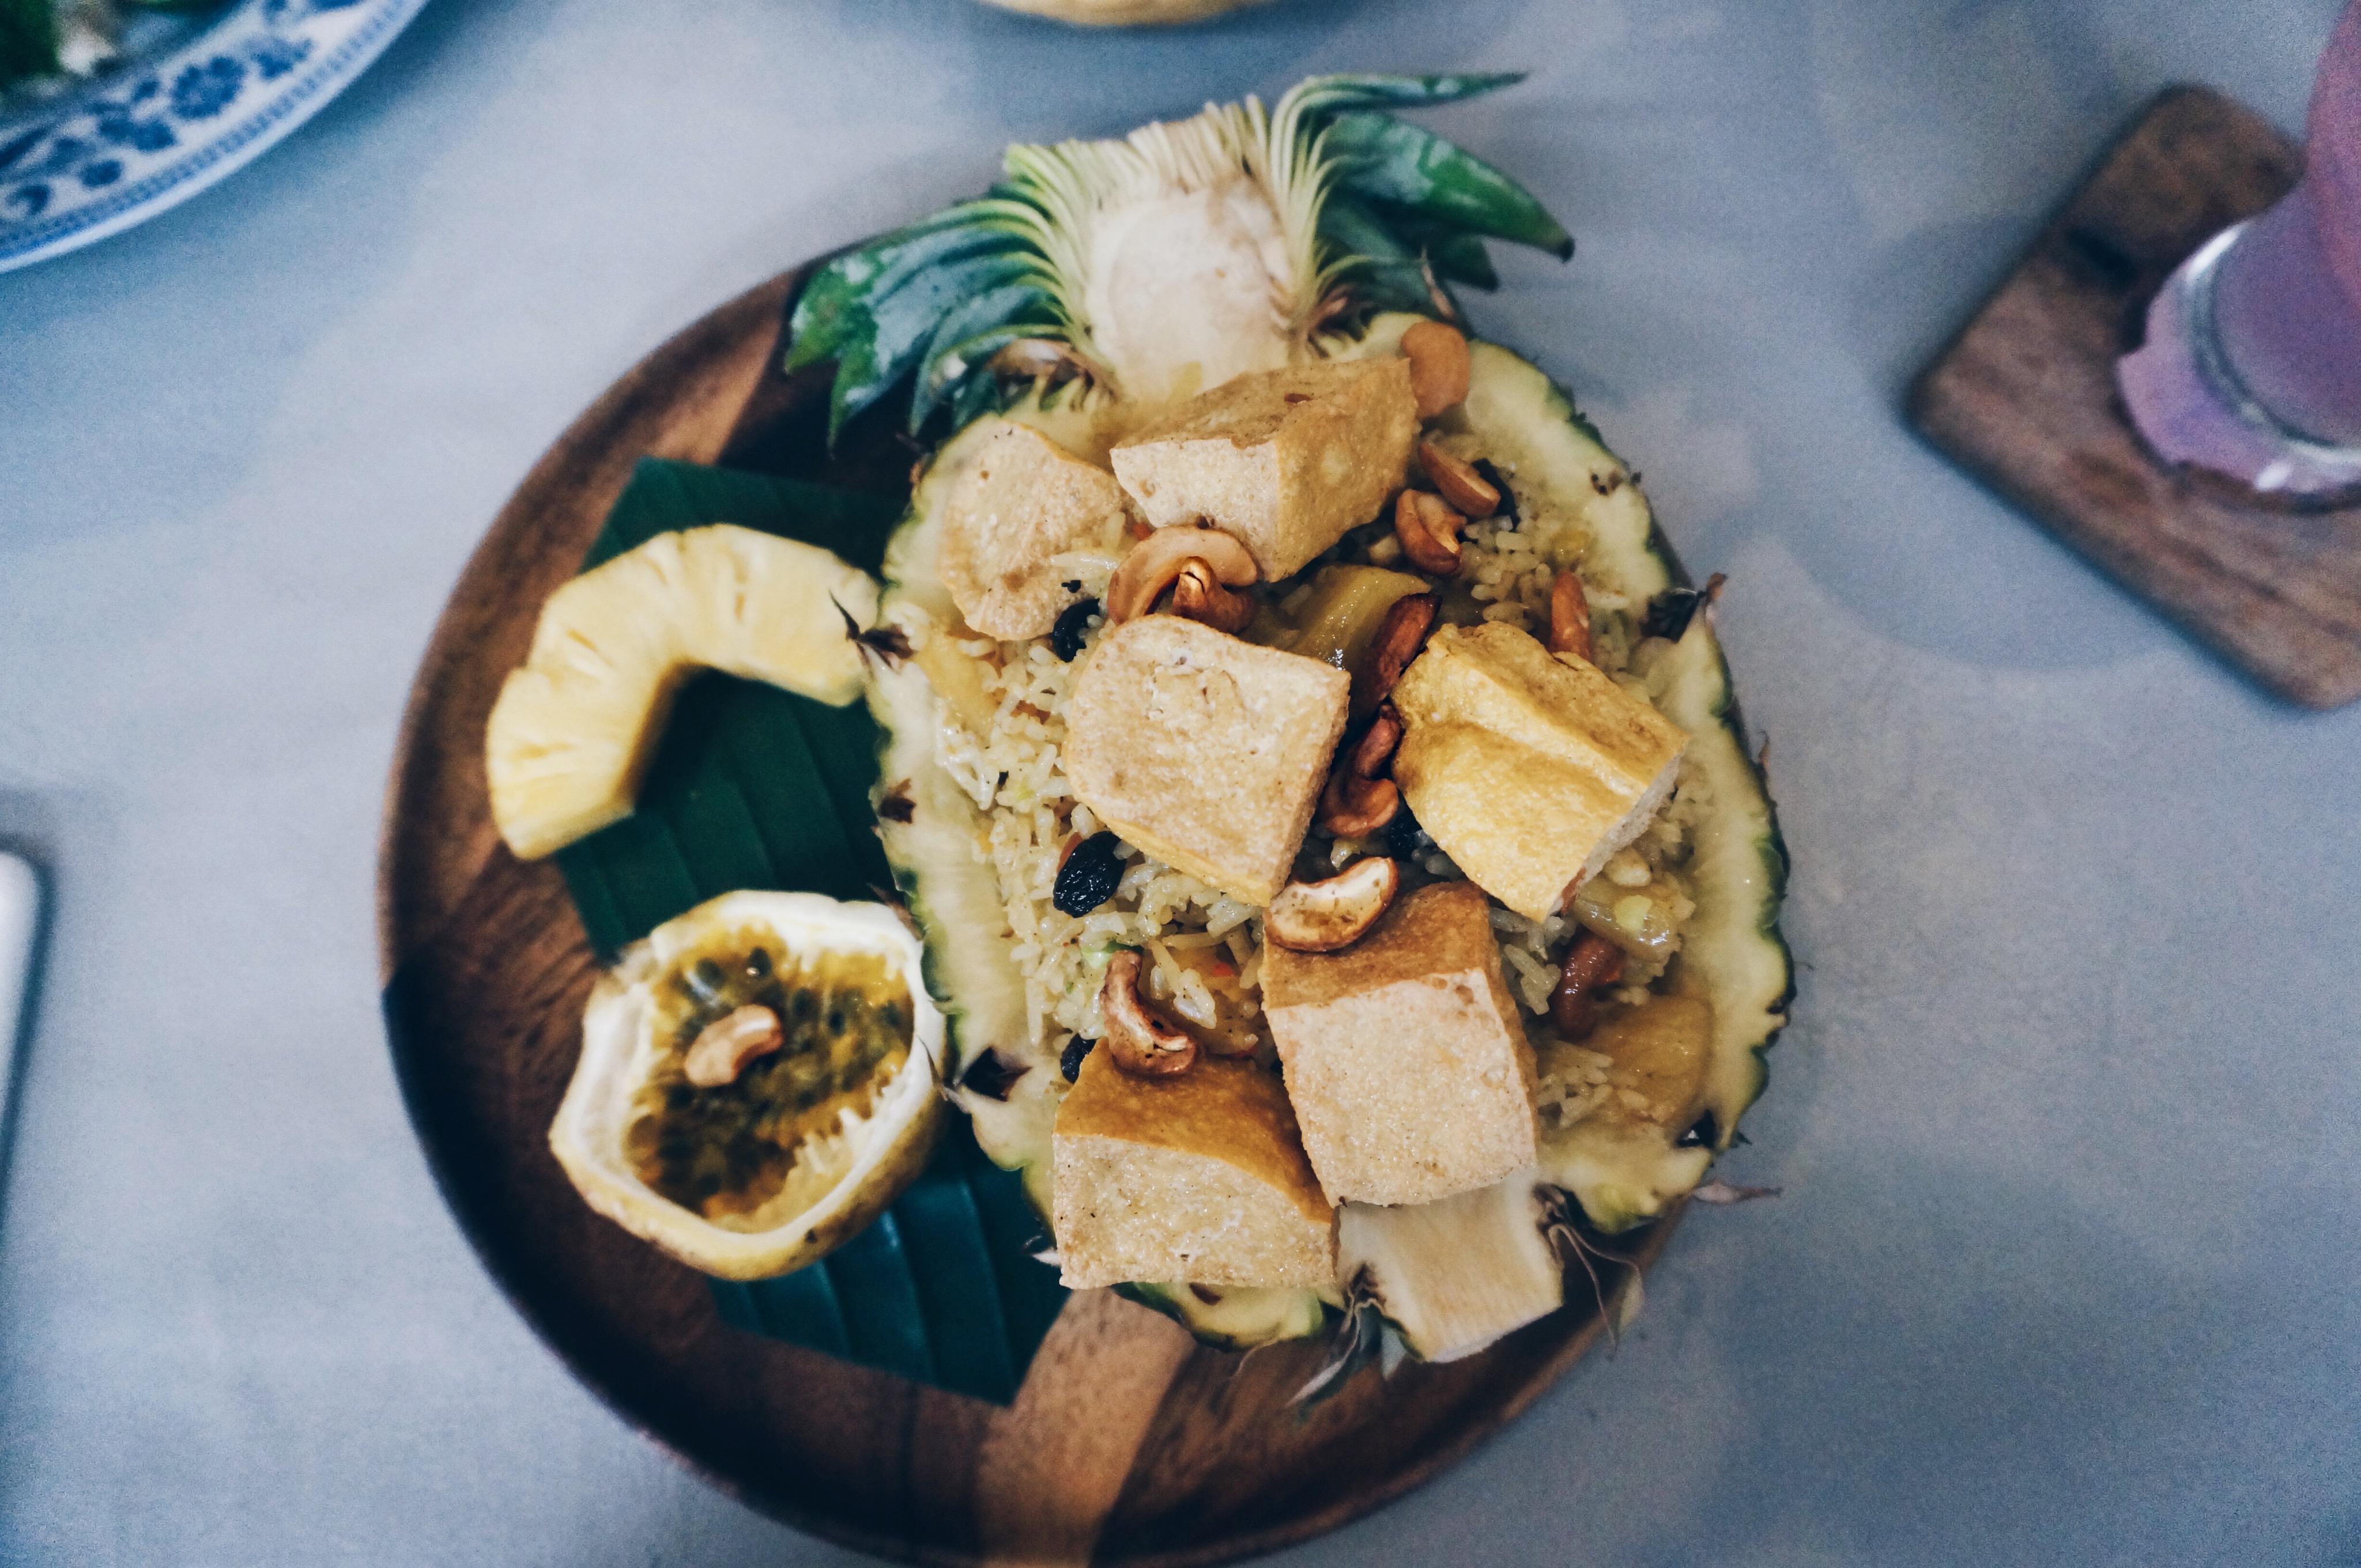 thailändisches Essen, gefüllte Ananas mit Reis, Thailand